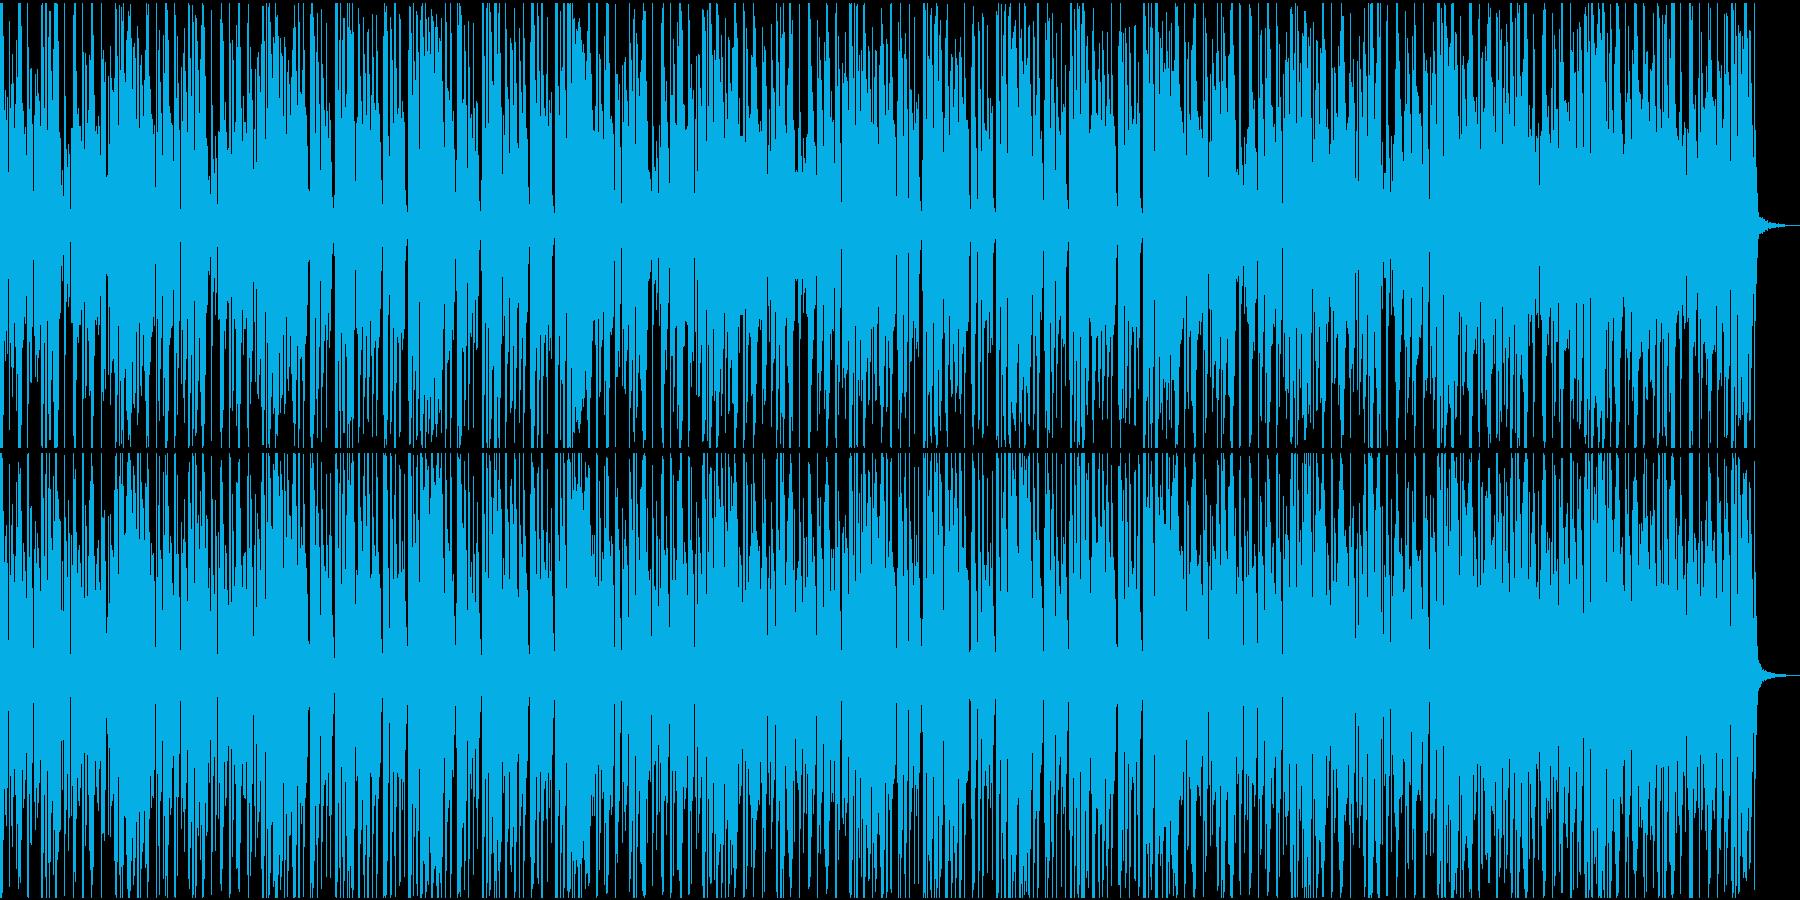 ノリノリなファンクBGMの再生済みの波形